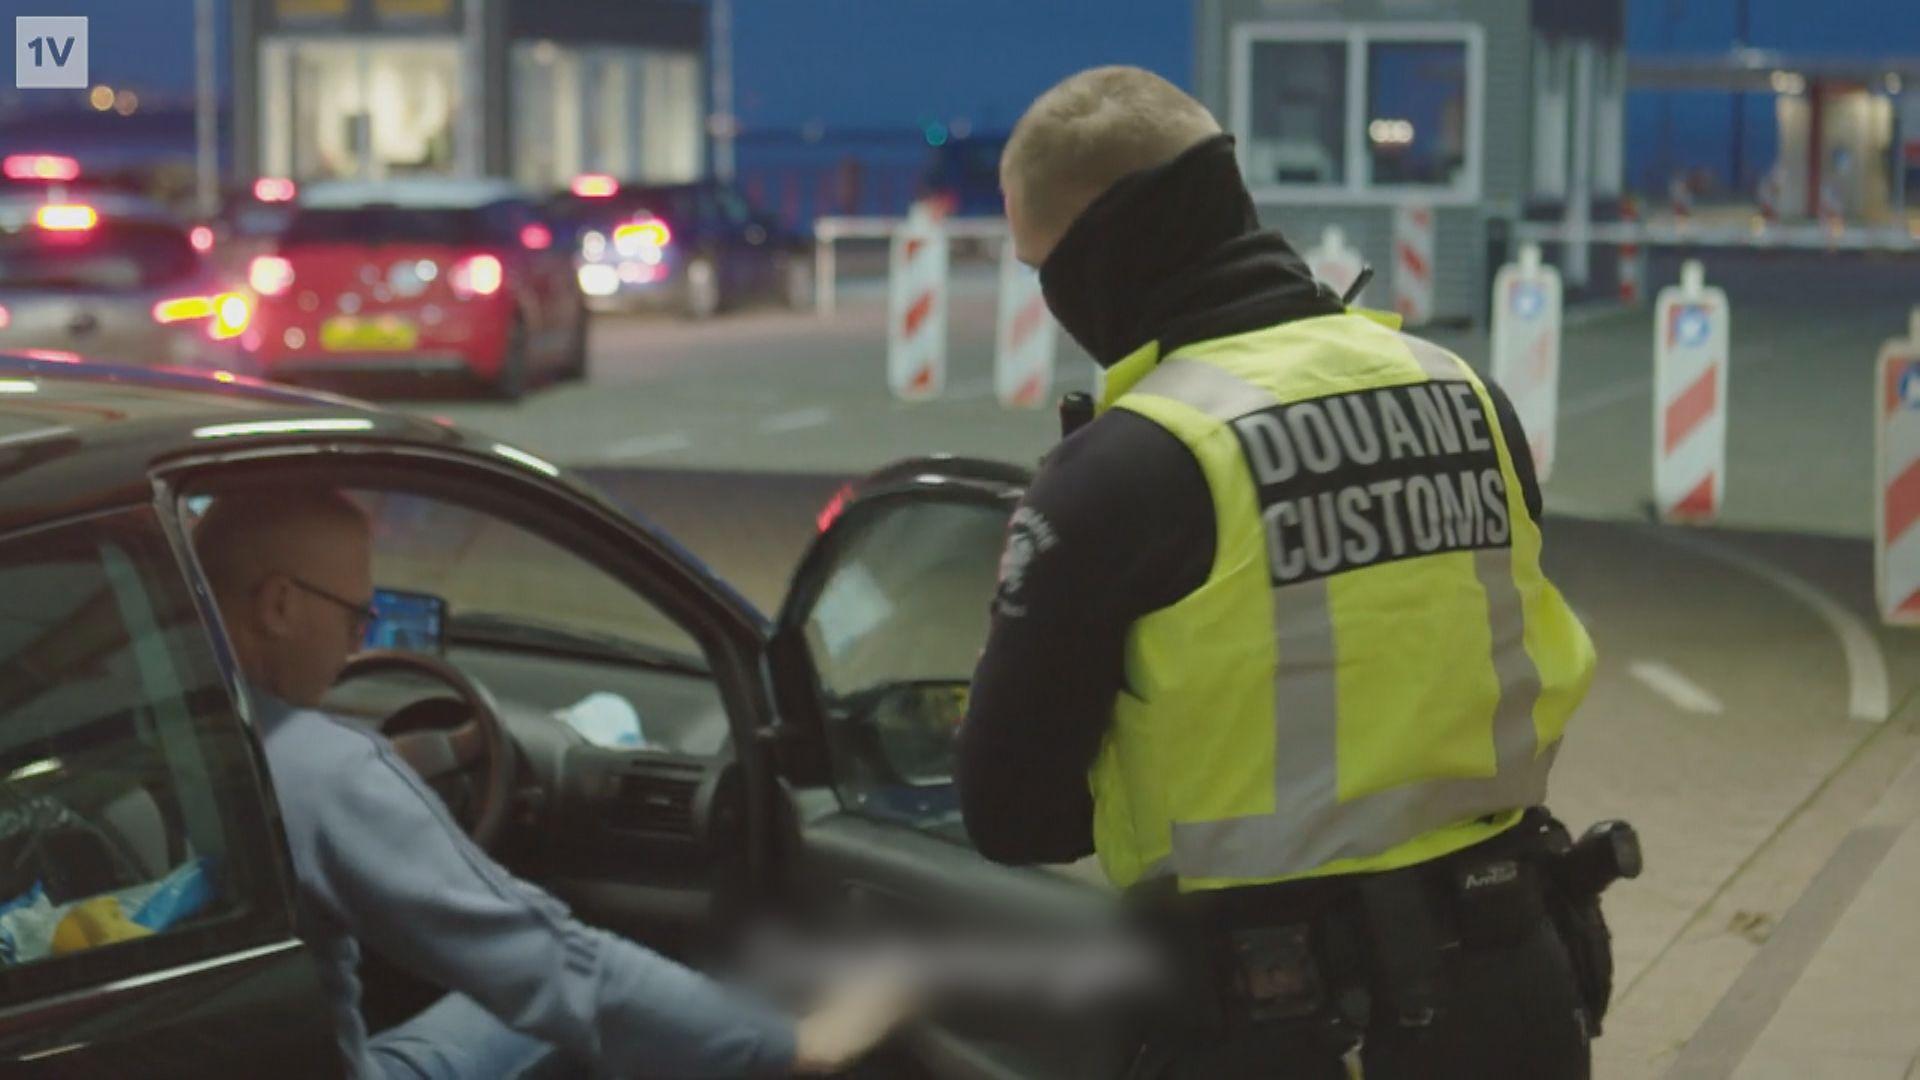 【環球薈報】英國脫歐後司機入境荷蘭被沒收三文治